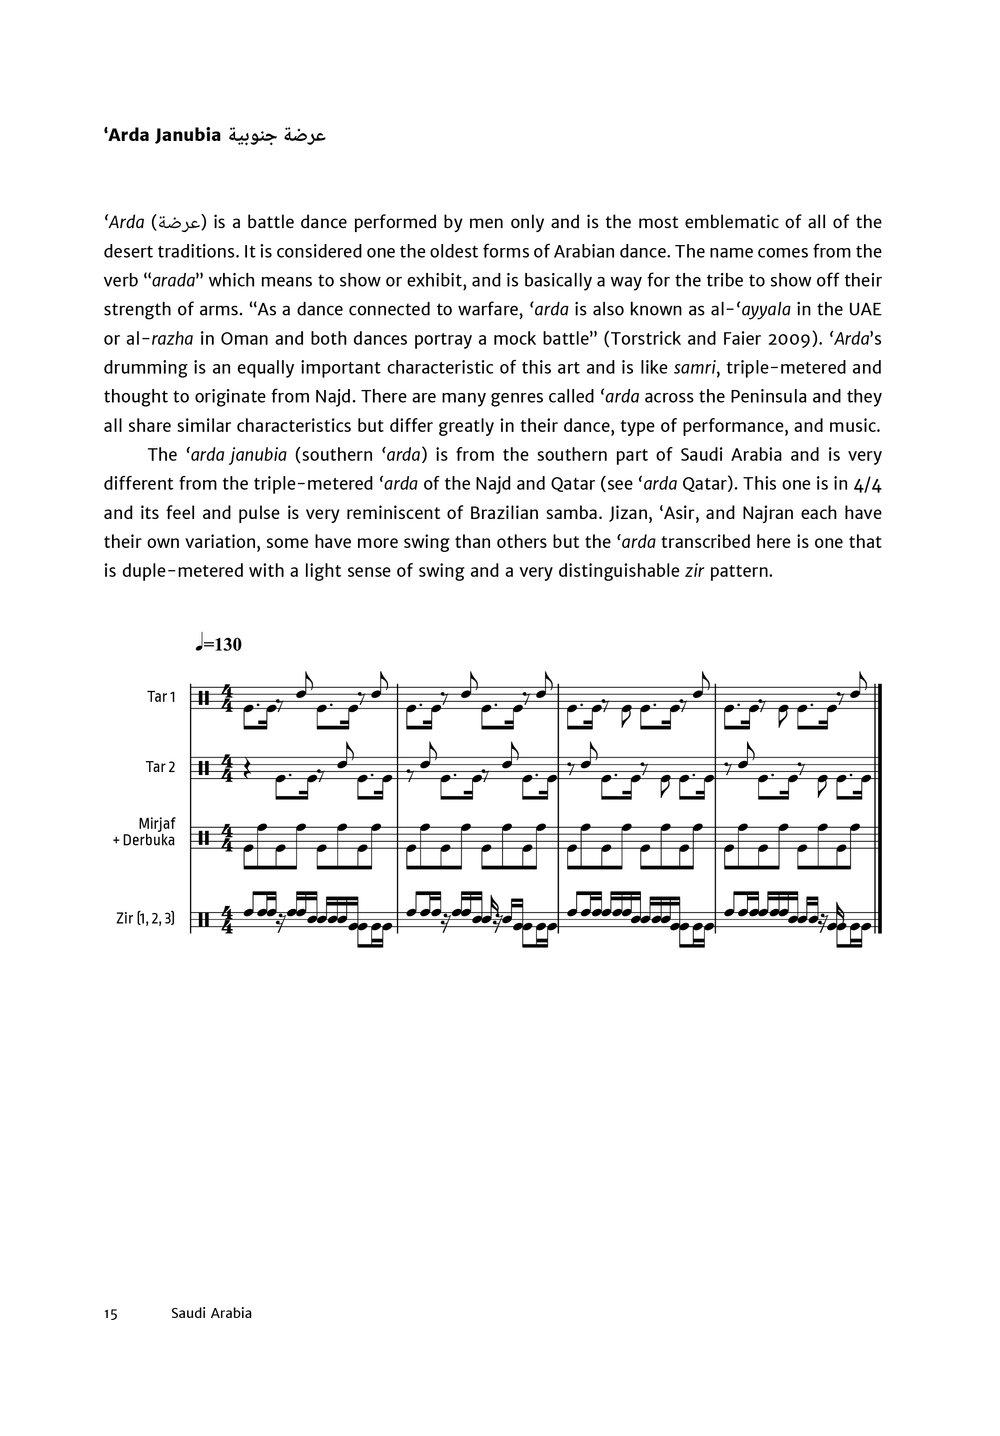 PEAP-EBook-170415-33.jpg